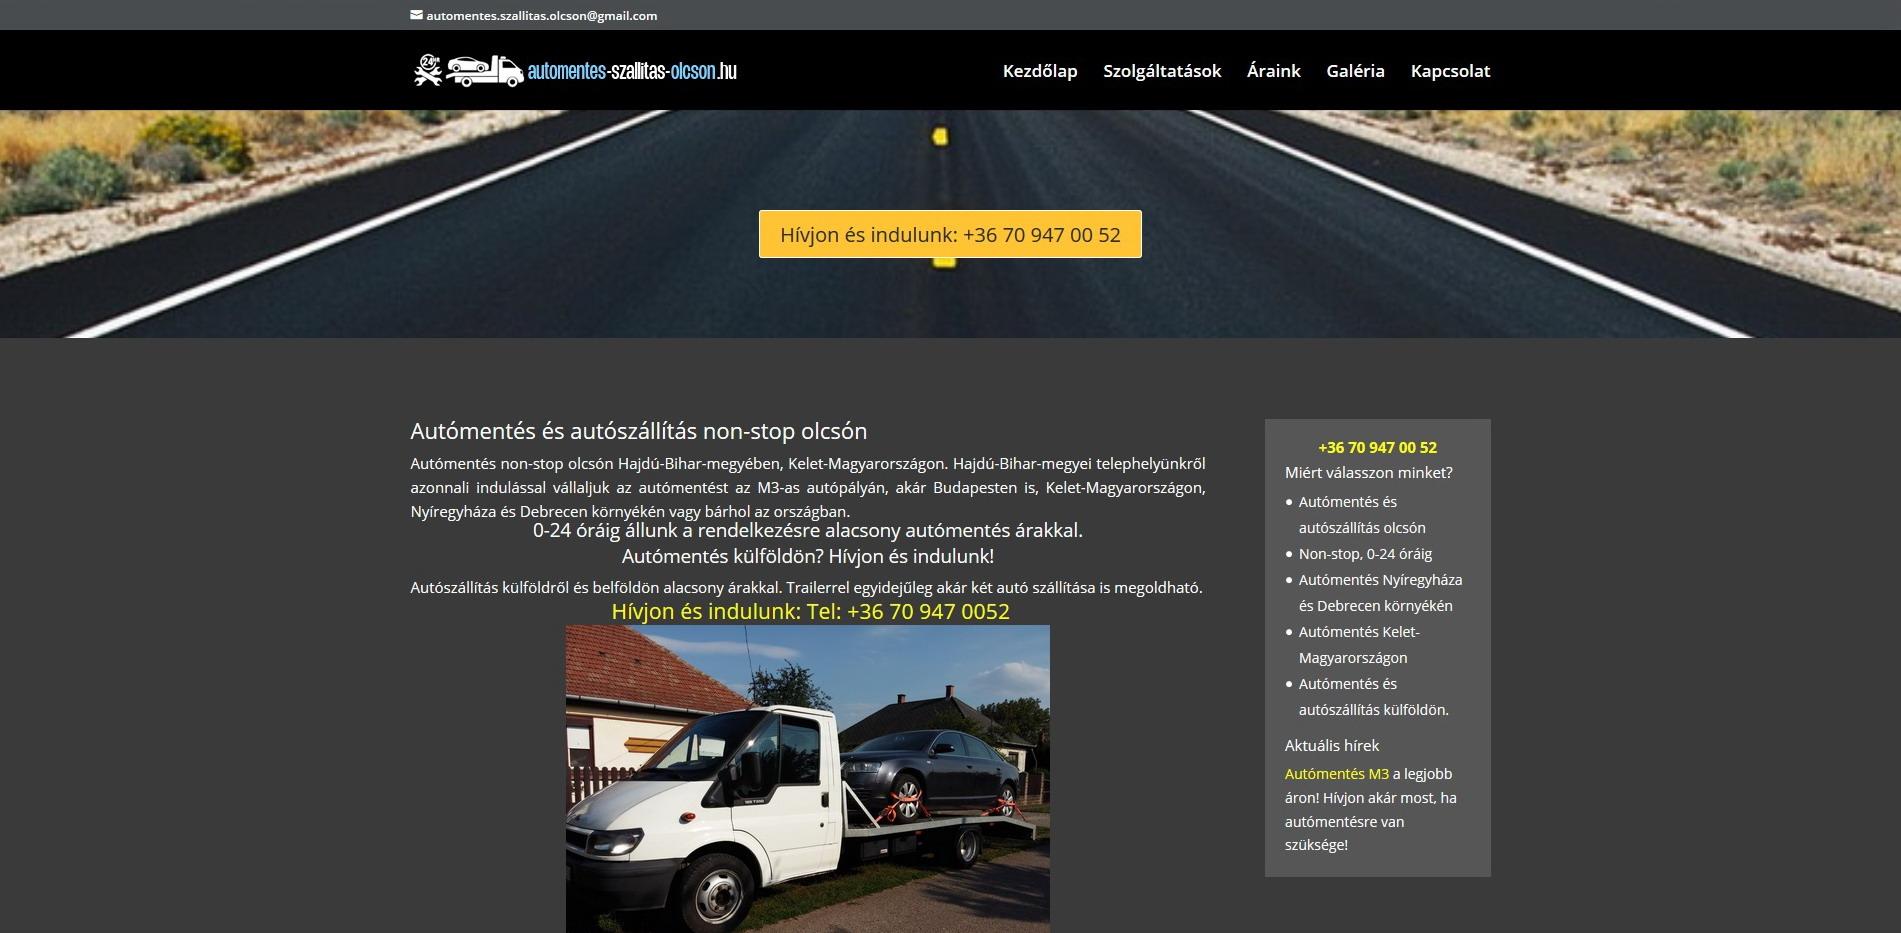 www.automentes-szallitas-olcson.hu